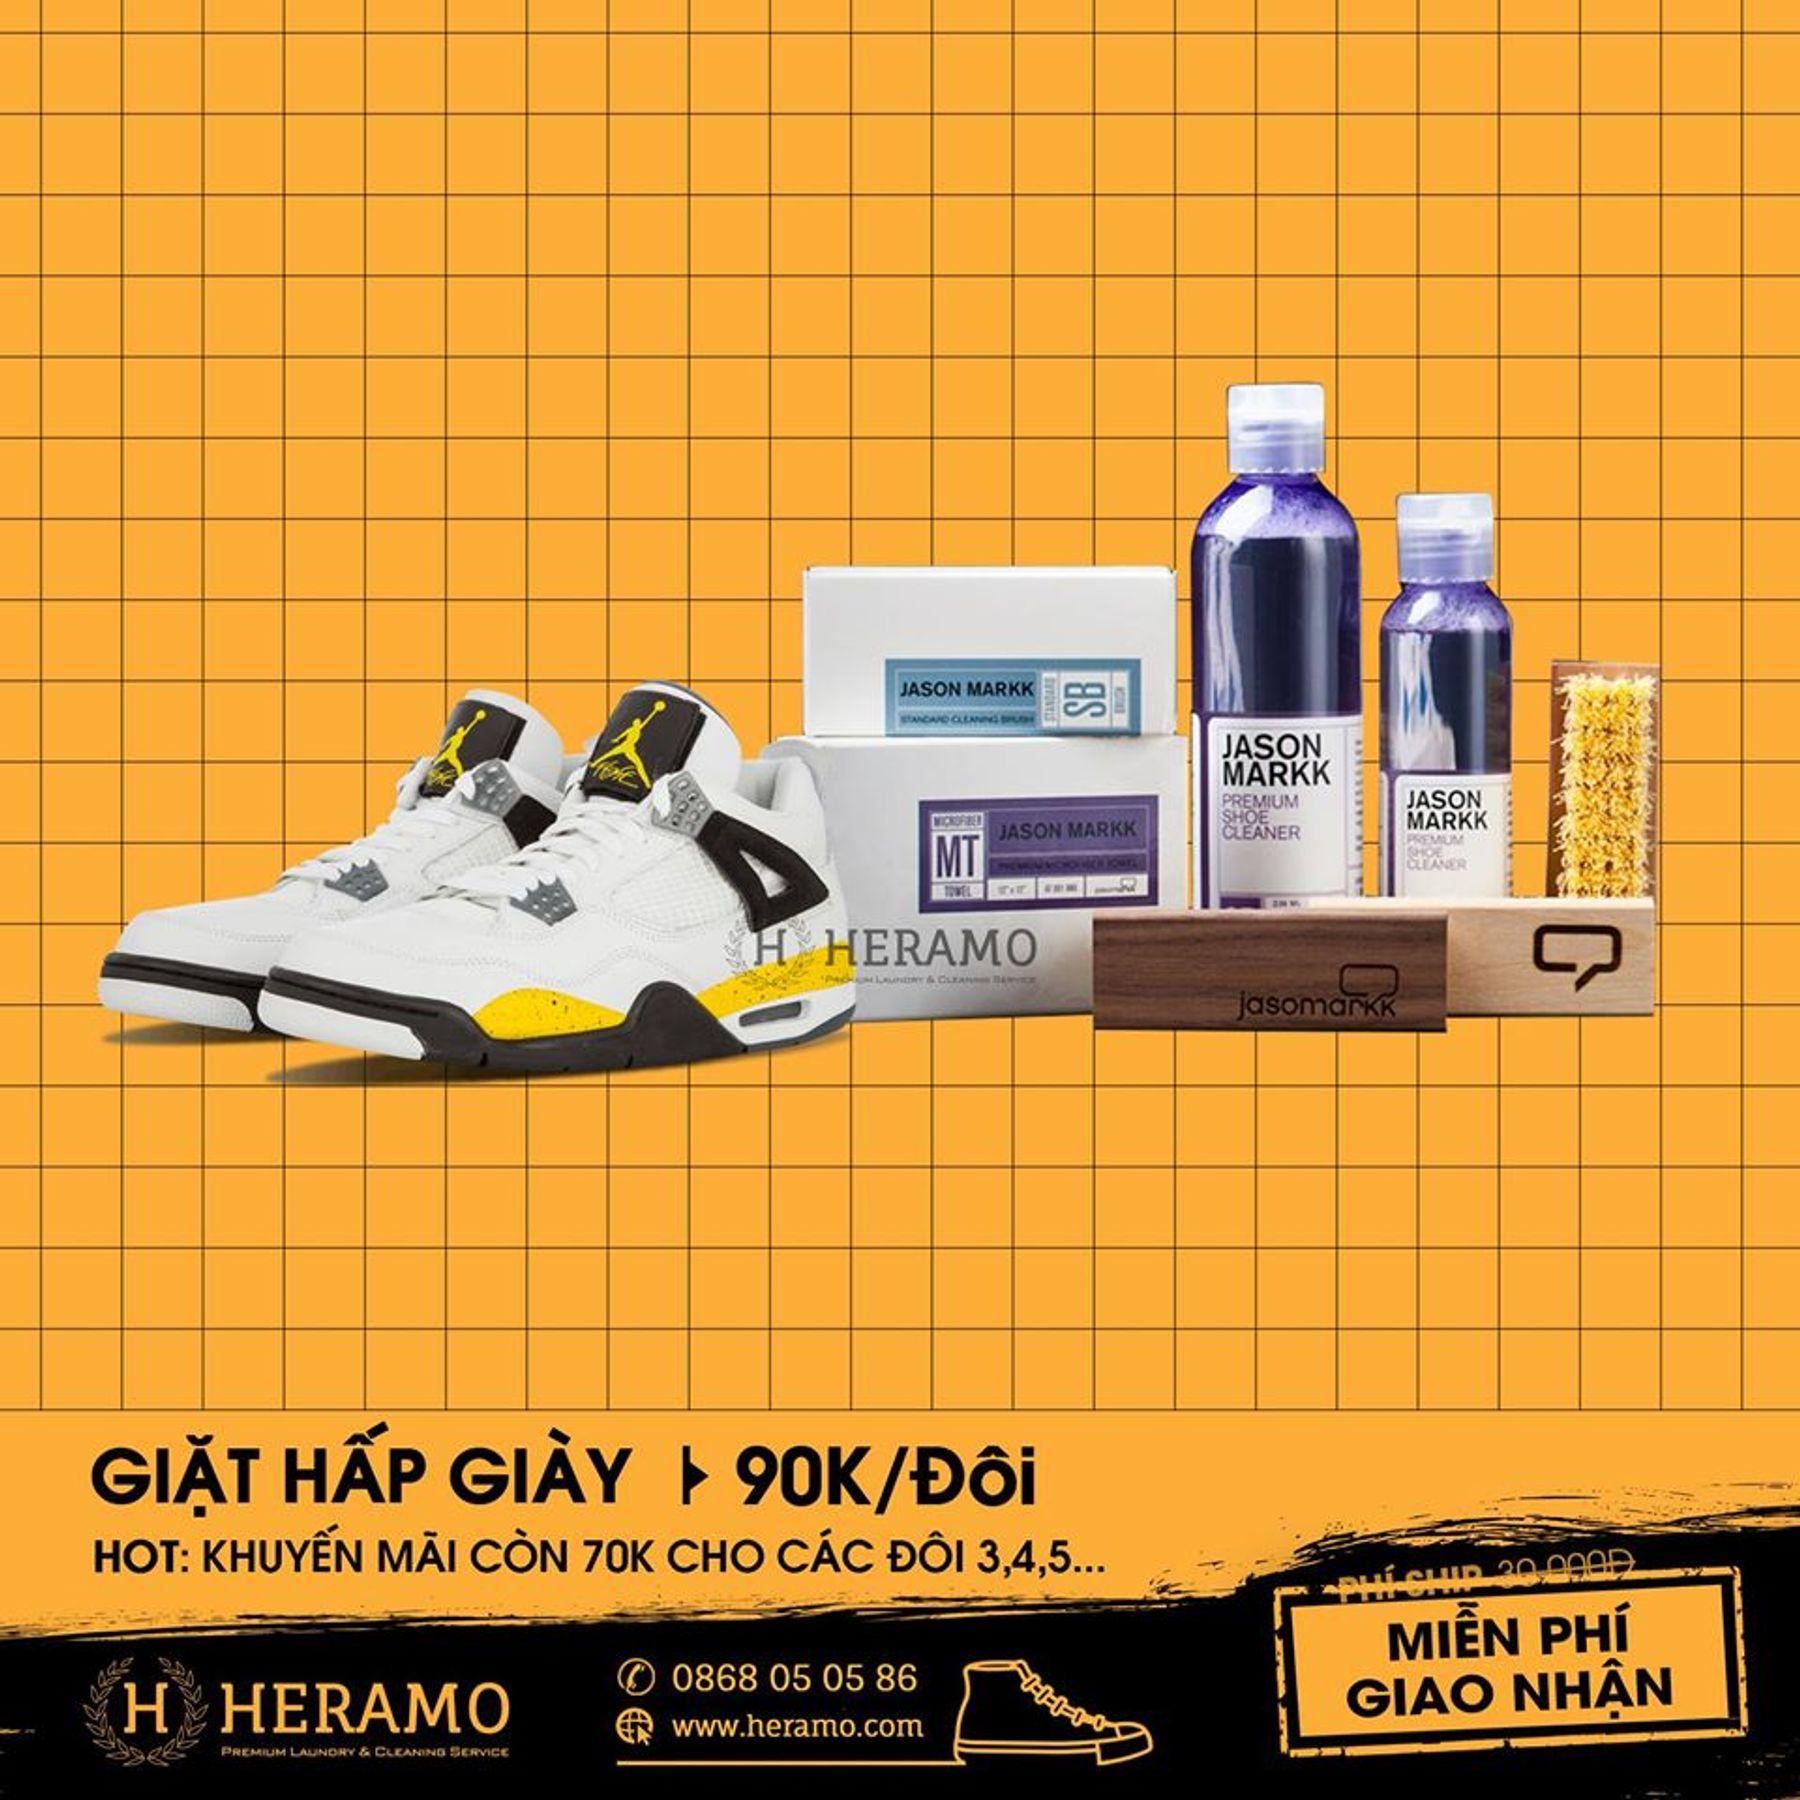 Dịch vụ vệ sinh giặt giày Heramo